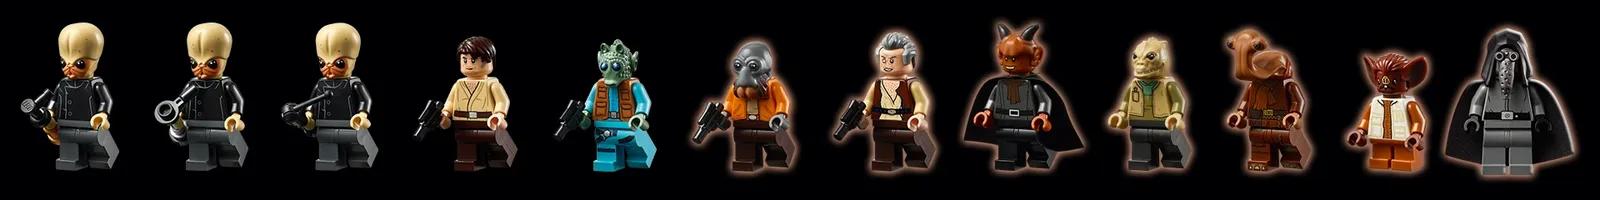 O conjunto inclui 21 minifigures dos personagens (Fonte: LEGO/Divulgação)